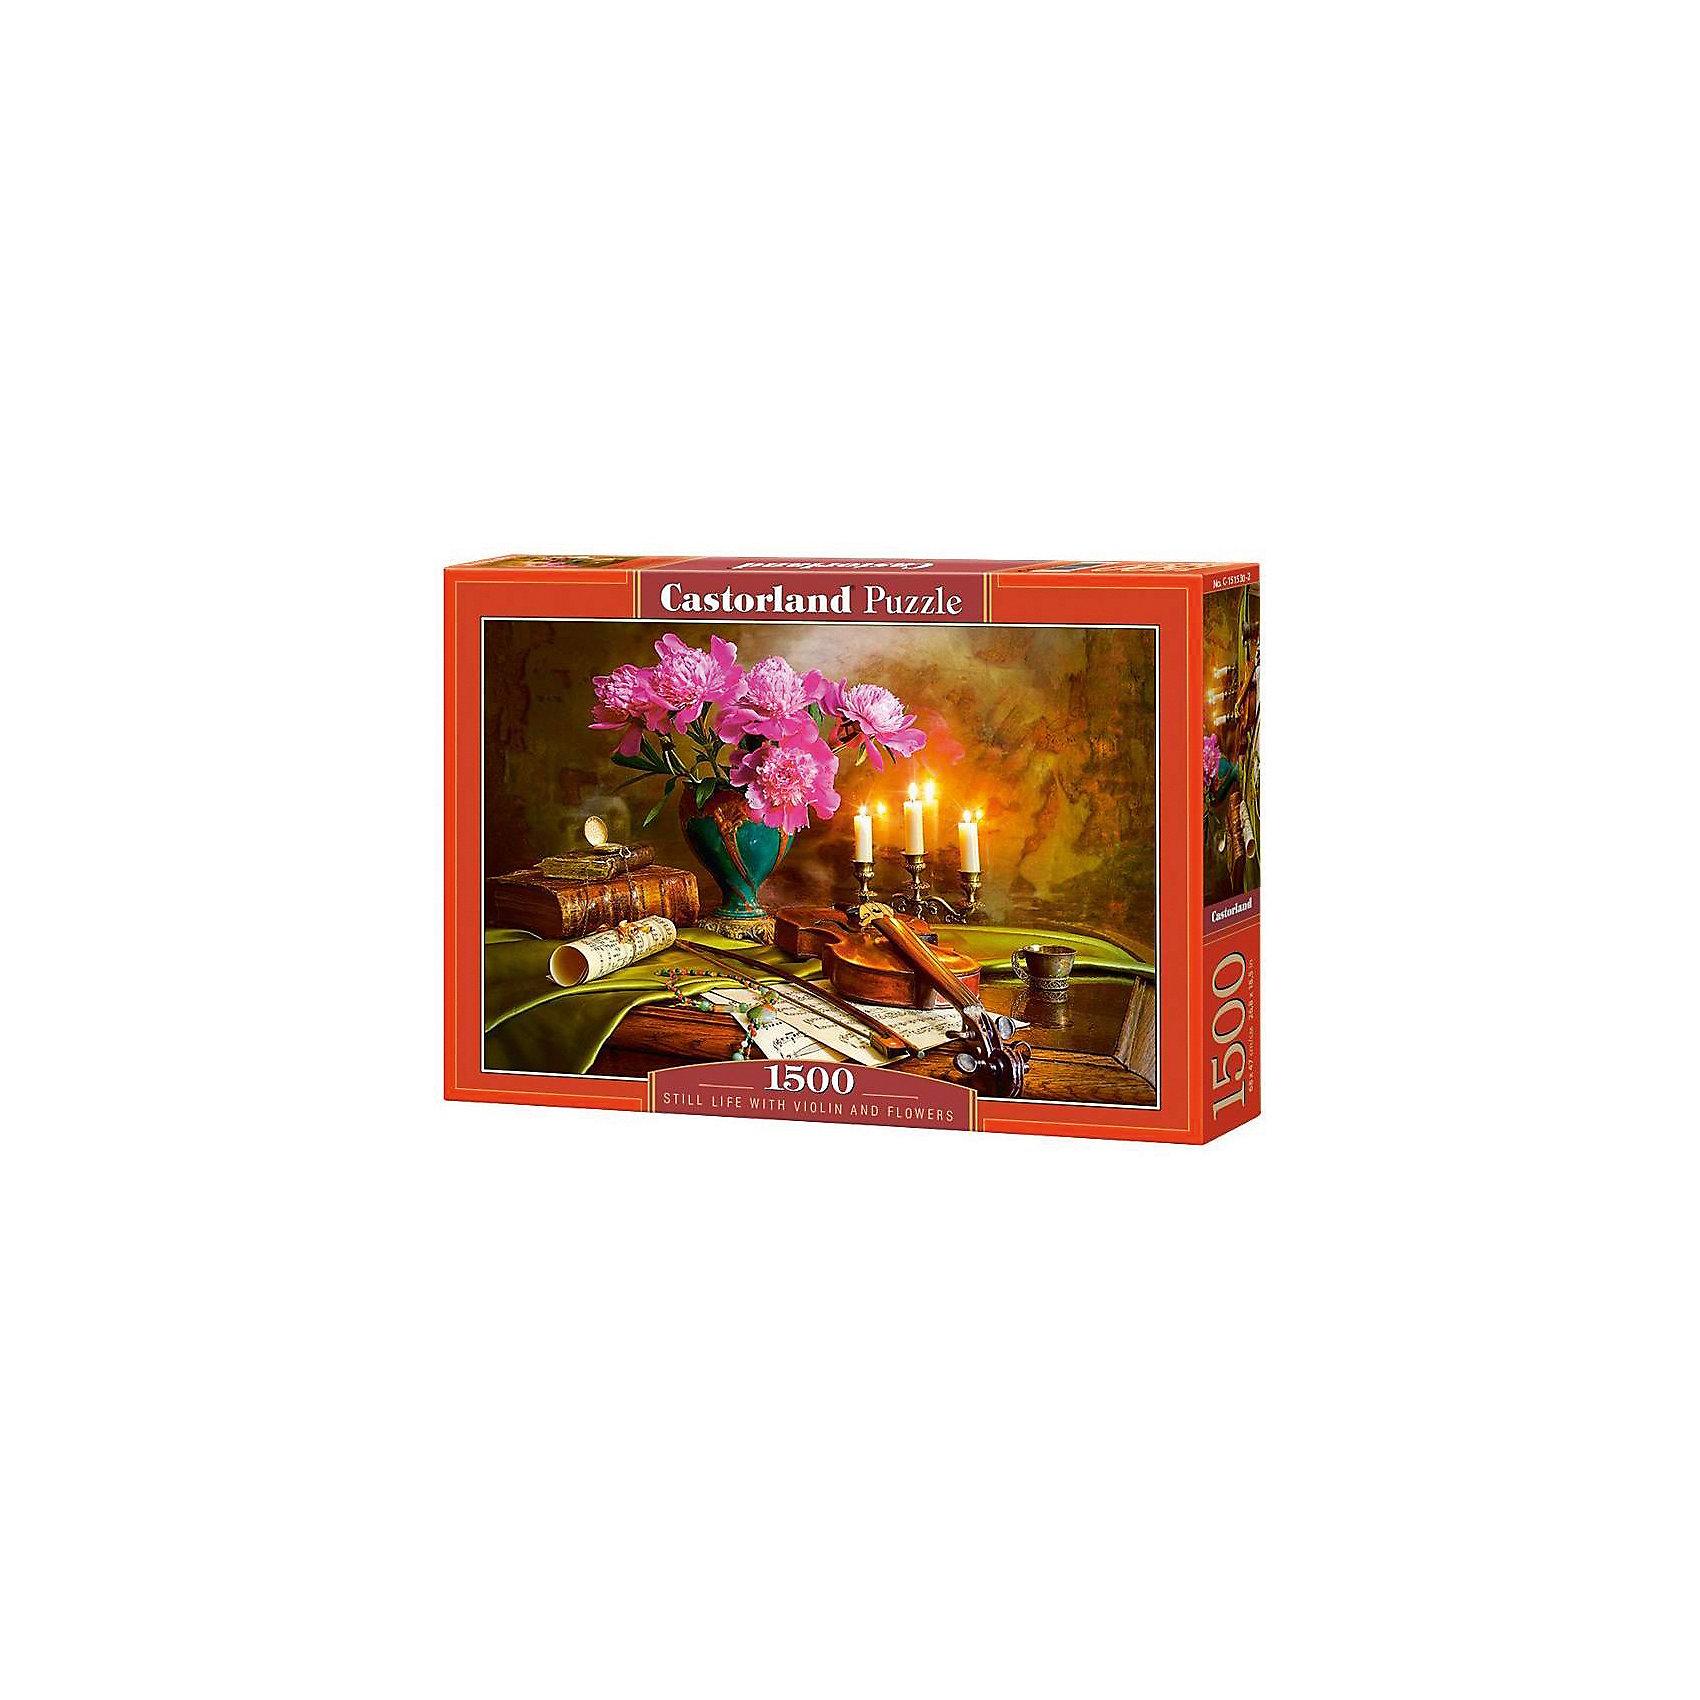 Пазл Castorland Натюрморт-скрипка. цветы, 1500 деталейКлассические пазлы<br>Характеристики:<br><br>• возраст: от 9 лет<br>• автор: Андрей Морозов<br>• количество деталей: 1500 шт.<br>• размер собранного пазла: 68х47 см.<br>• материал: картон<br>• упаковка: картонная коробка<br>• размер упаковки: 35x5x25 см.<br>• вес: 600 гр.<br>• страна обладатель бренда: Польша<br><br>Пазл «Натюрморт-скрипка. цветы» от Castorland (Касторленд) отличается высоким качеством, высоким уровнем полиграфии, насыщенными цветами и идеальной стыковкой элементов. Пазл «Натюрморт-скрипка. цветы» предназначен для сборки детьми среднего и старшего возраста и, конечно, для взрослых. Из 1500 элементов пазла складывается красивая картина с множеством художественных деталей.<br><br>Пазл Натюрморт-скрипка. цветы, 1500 деталей, Castorland (Касторленд) можно купить в нашем интернет-магазине.<br><br>Ширина мм: 350<br>Глубина мм: 250<br>Высота мм: 50<br>Вес г: 600<br>Возраст от месяцев: 108<br>Возраст до месяцев: 2147483647<br>Пол: Унисекс<br>Возраст: Детский<br>SKU: 6725081